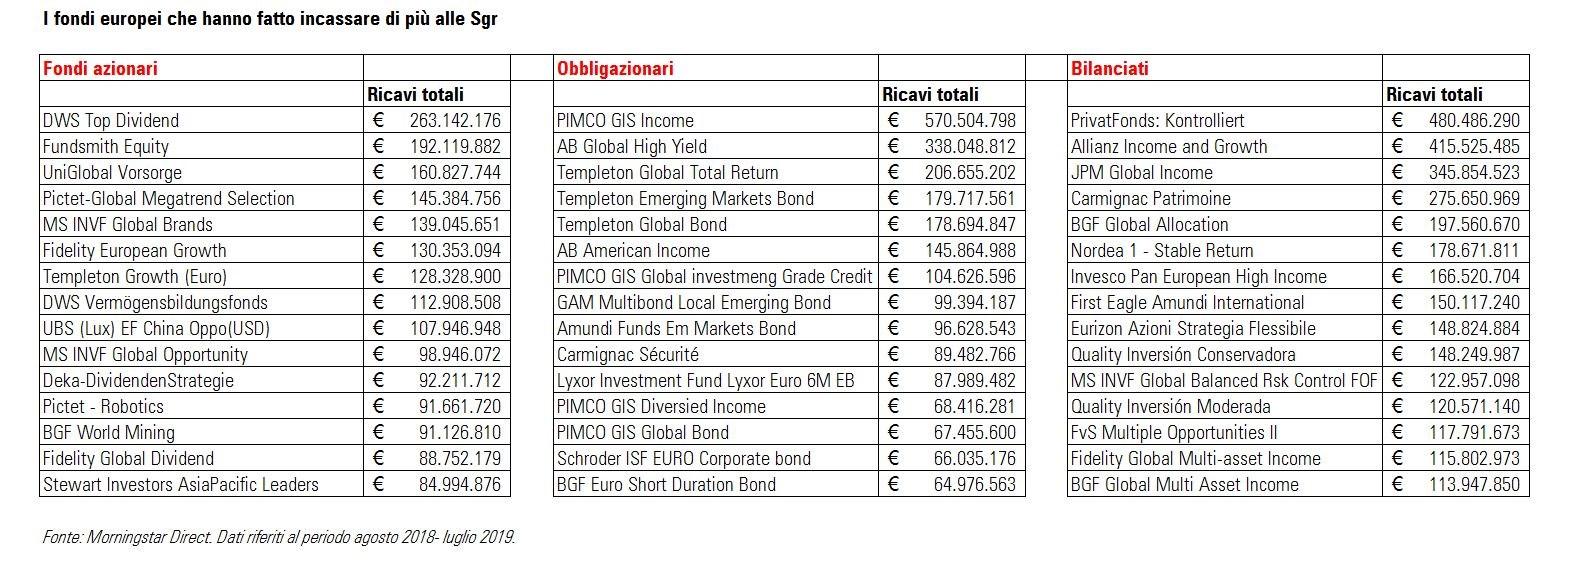 I fondi europei che hanno fatto incassare di più le SGR